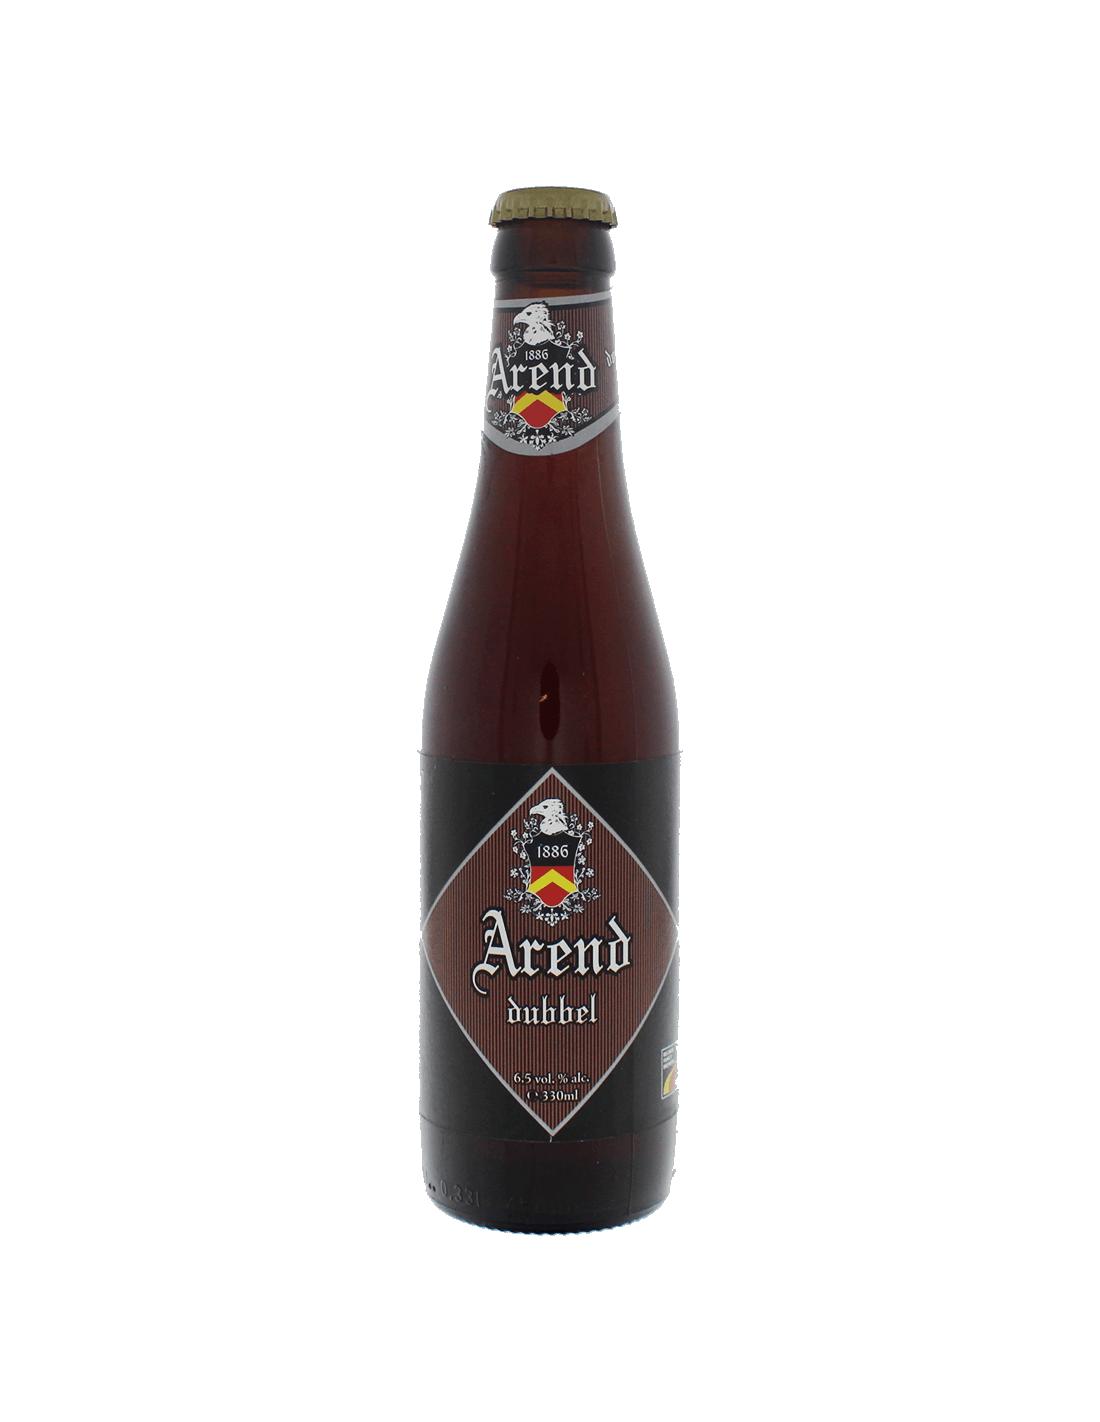 Bere bruna Arend, 6.5% alc., 0.33L, Belgia